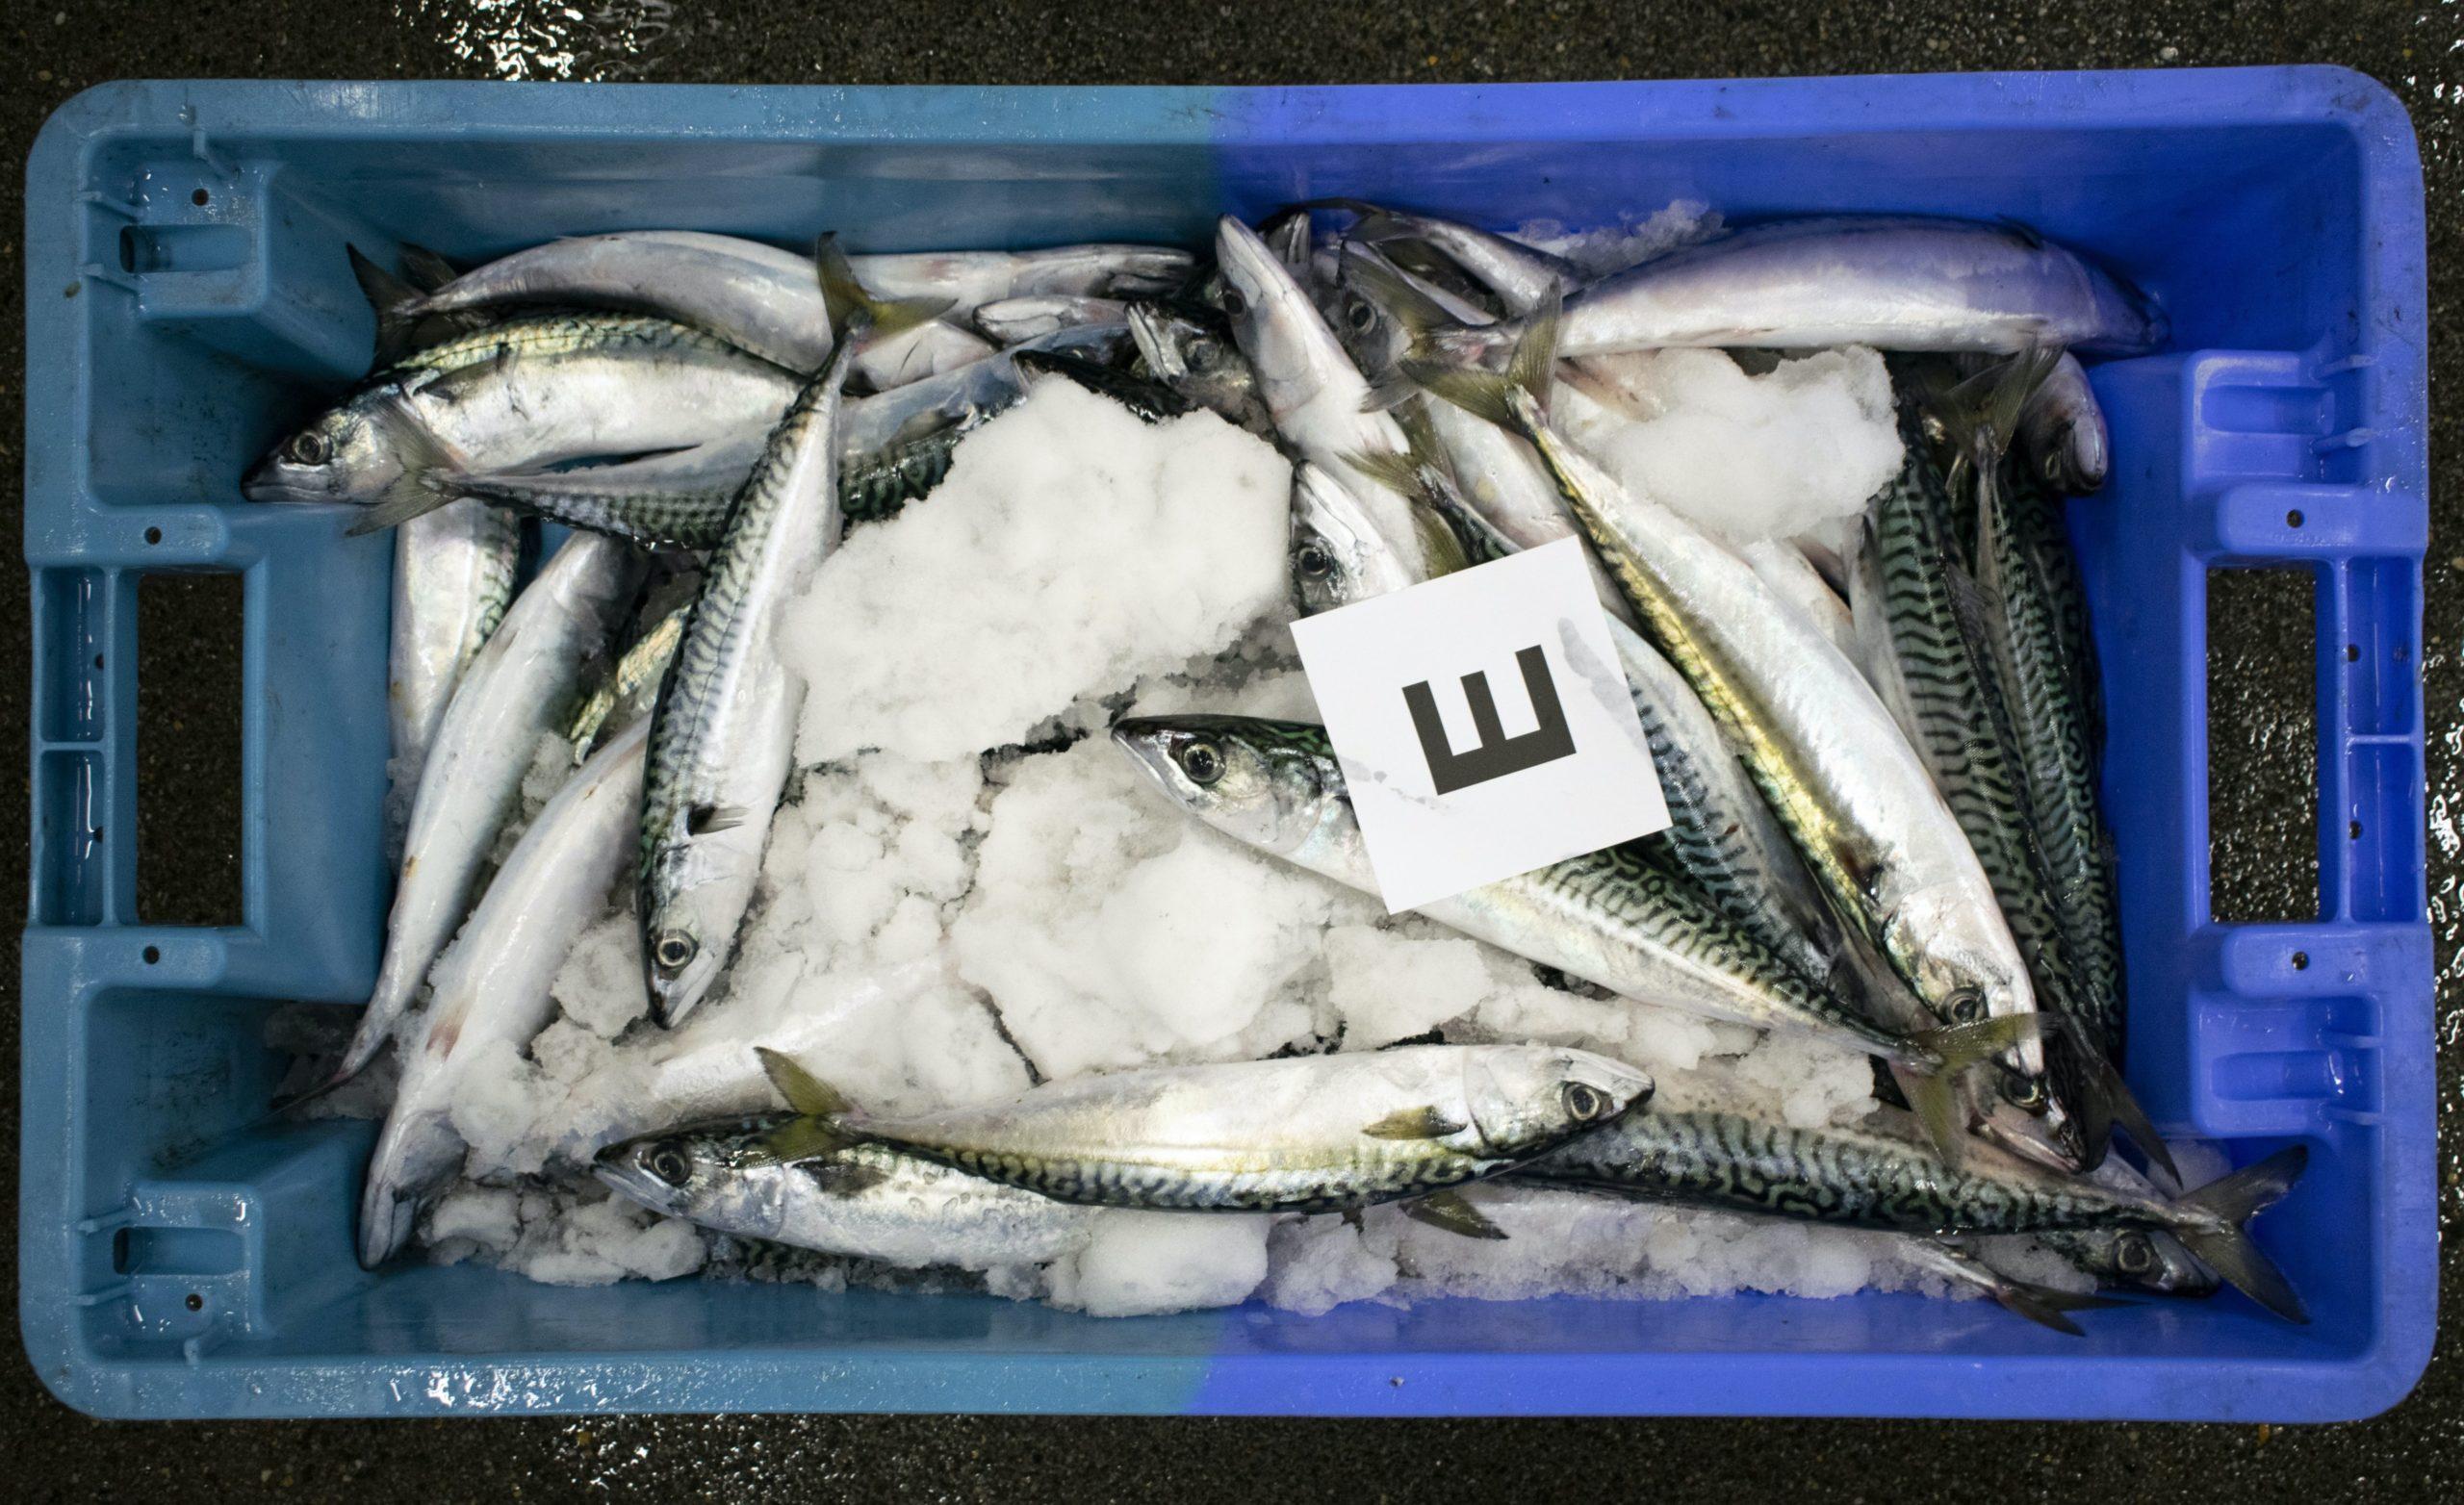 Een kist makreel beoordeeld met de hoogste kwaliteit 'E'.